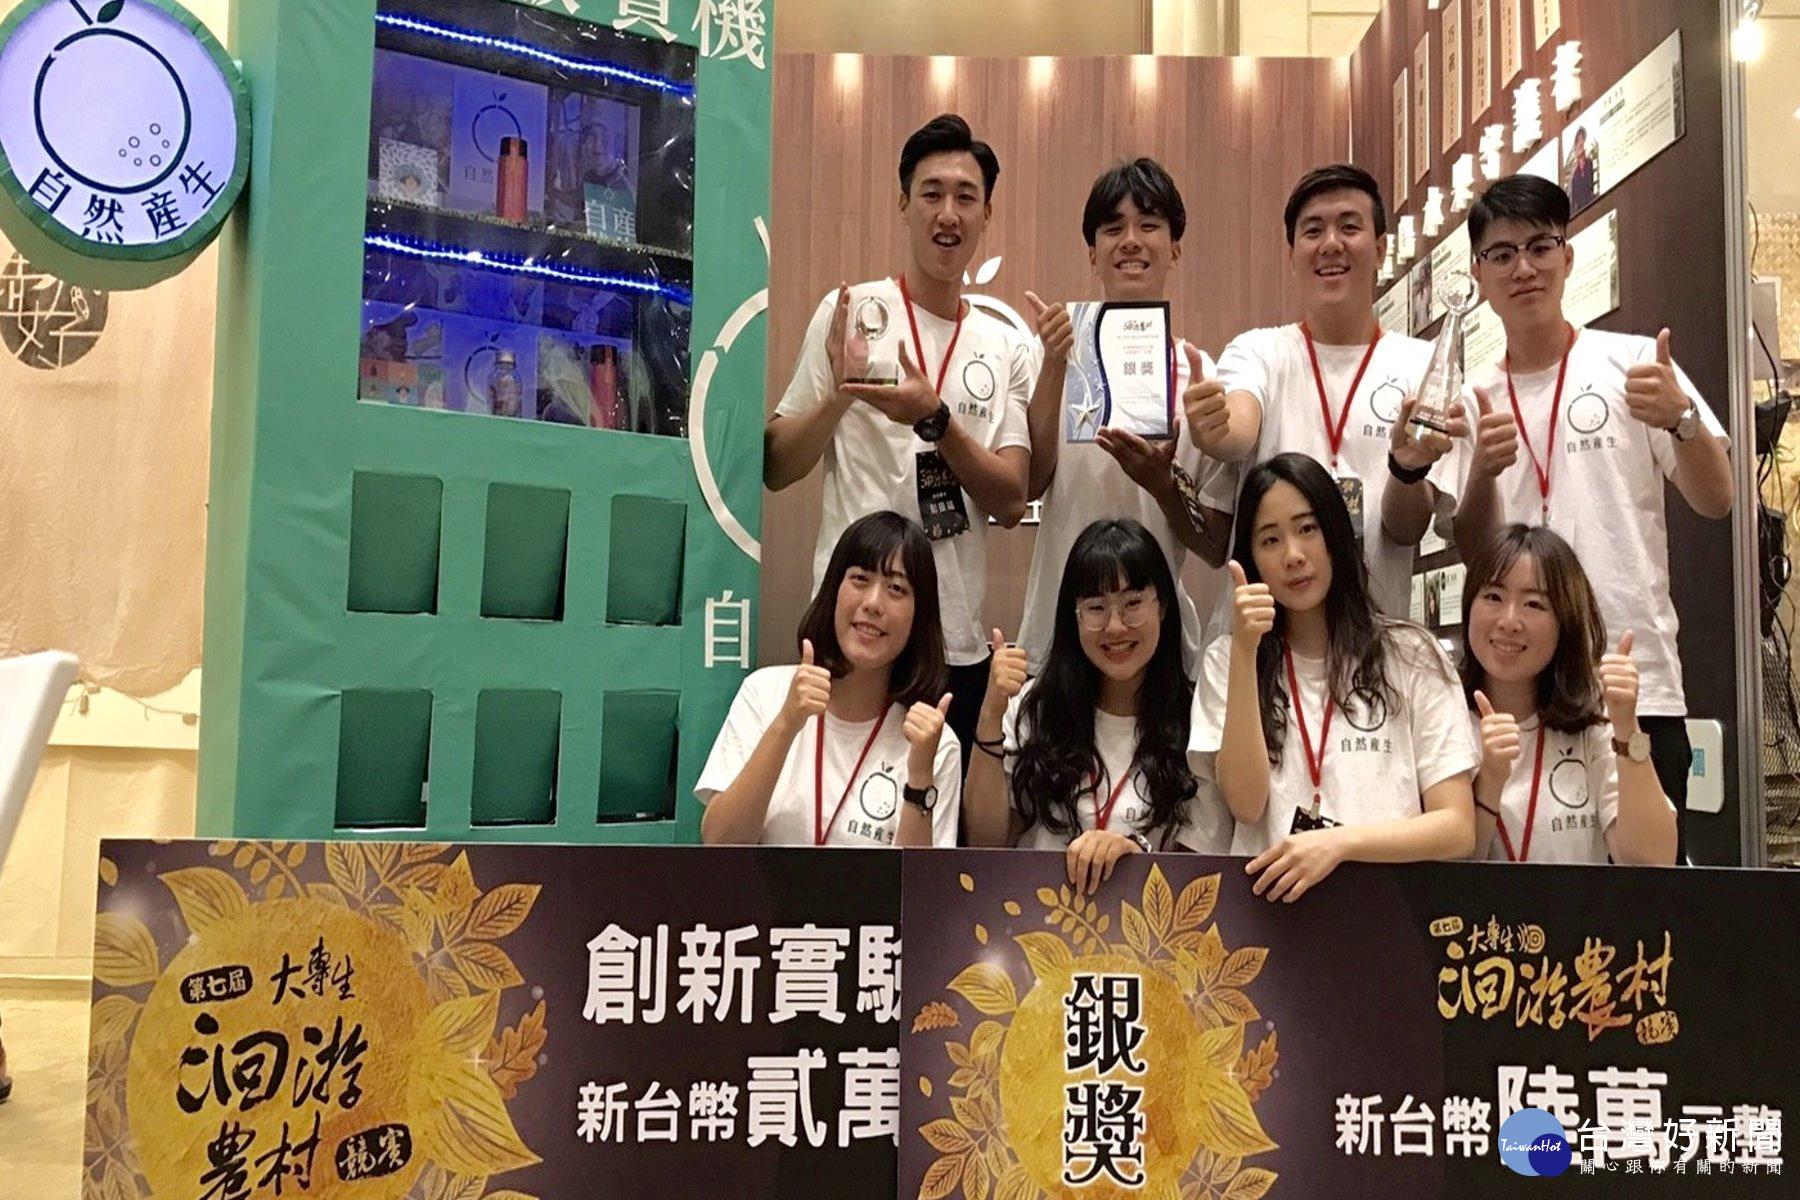 大專生洄游競賽 崑大「自然產生」團隊獲銀獎及創新實驗獎